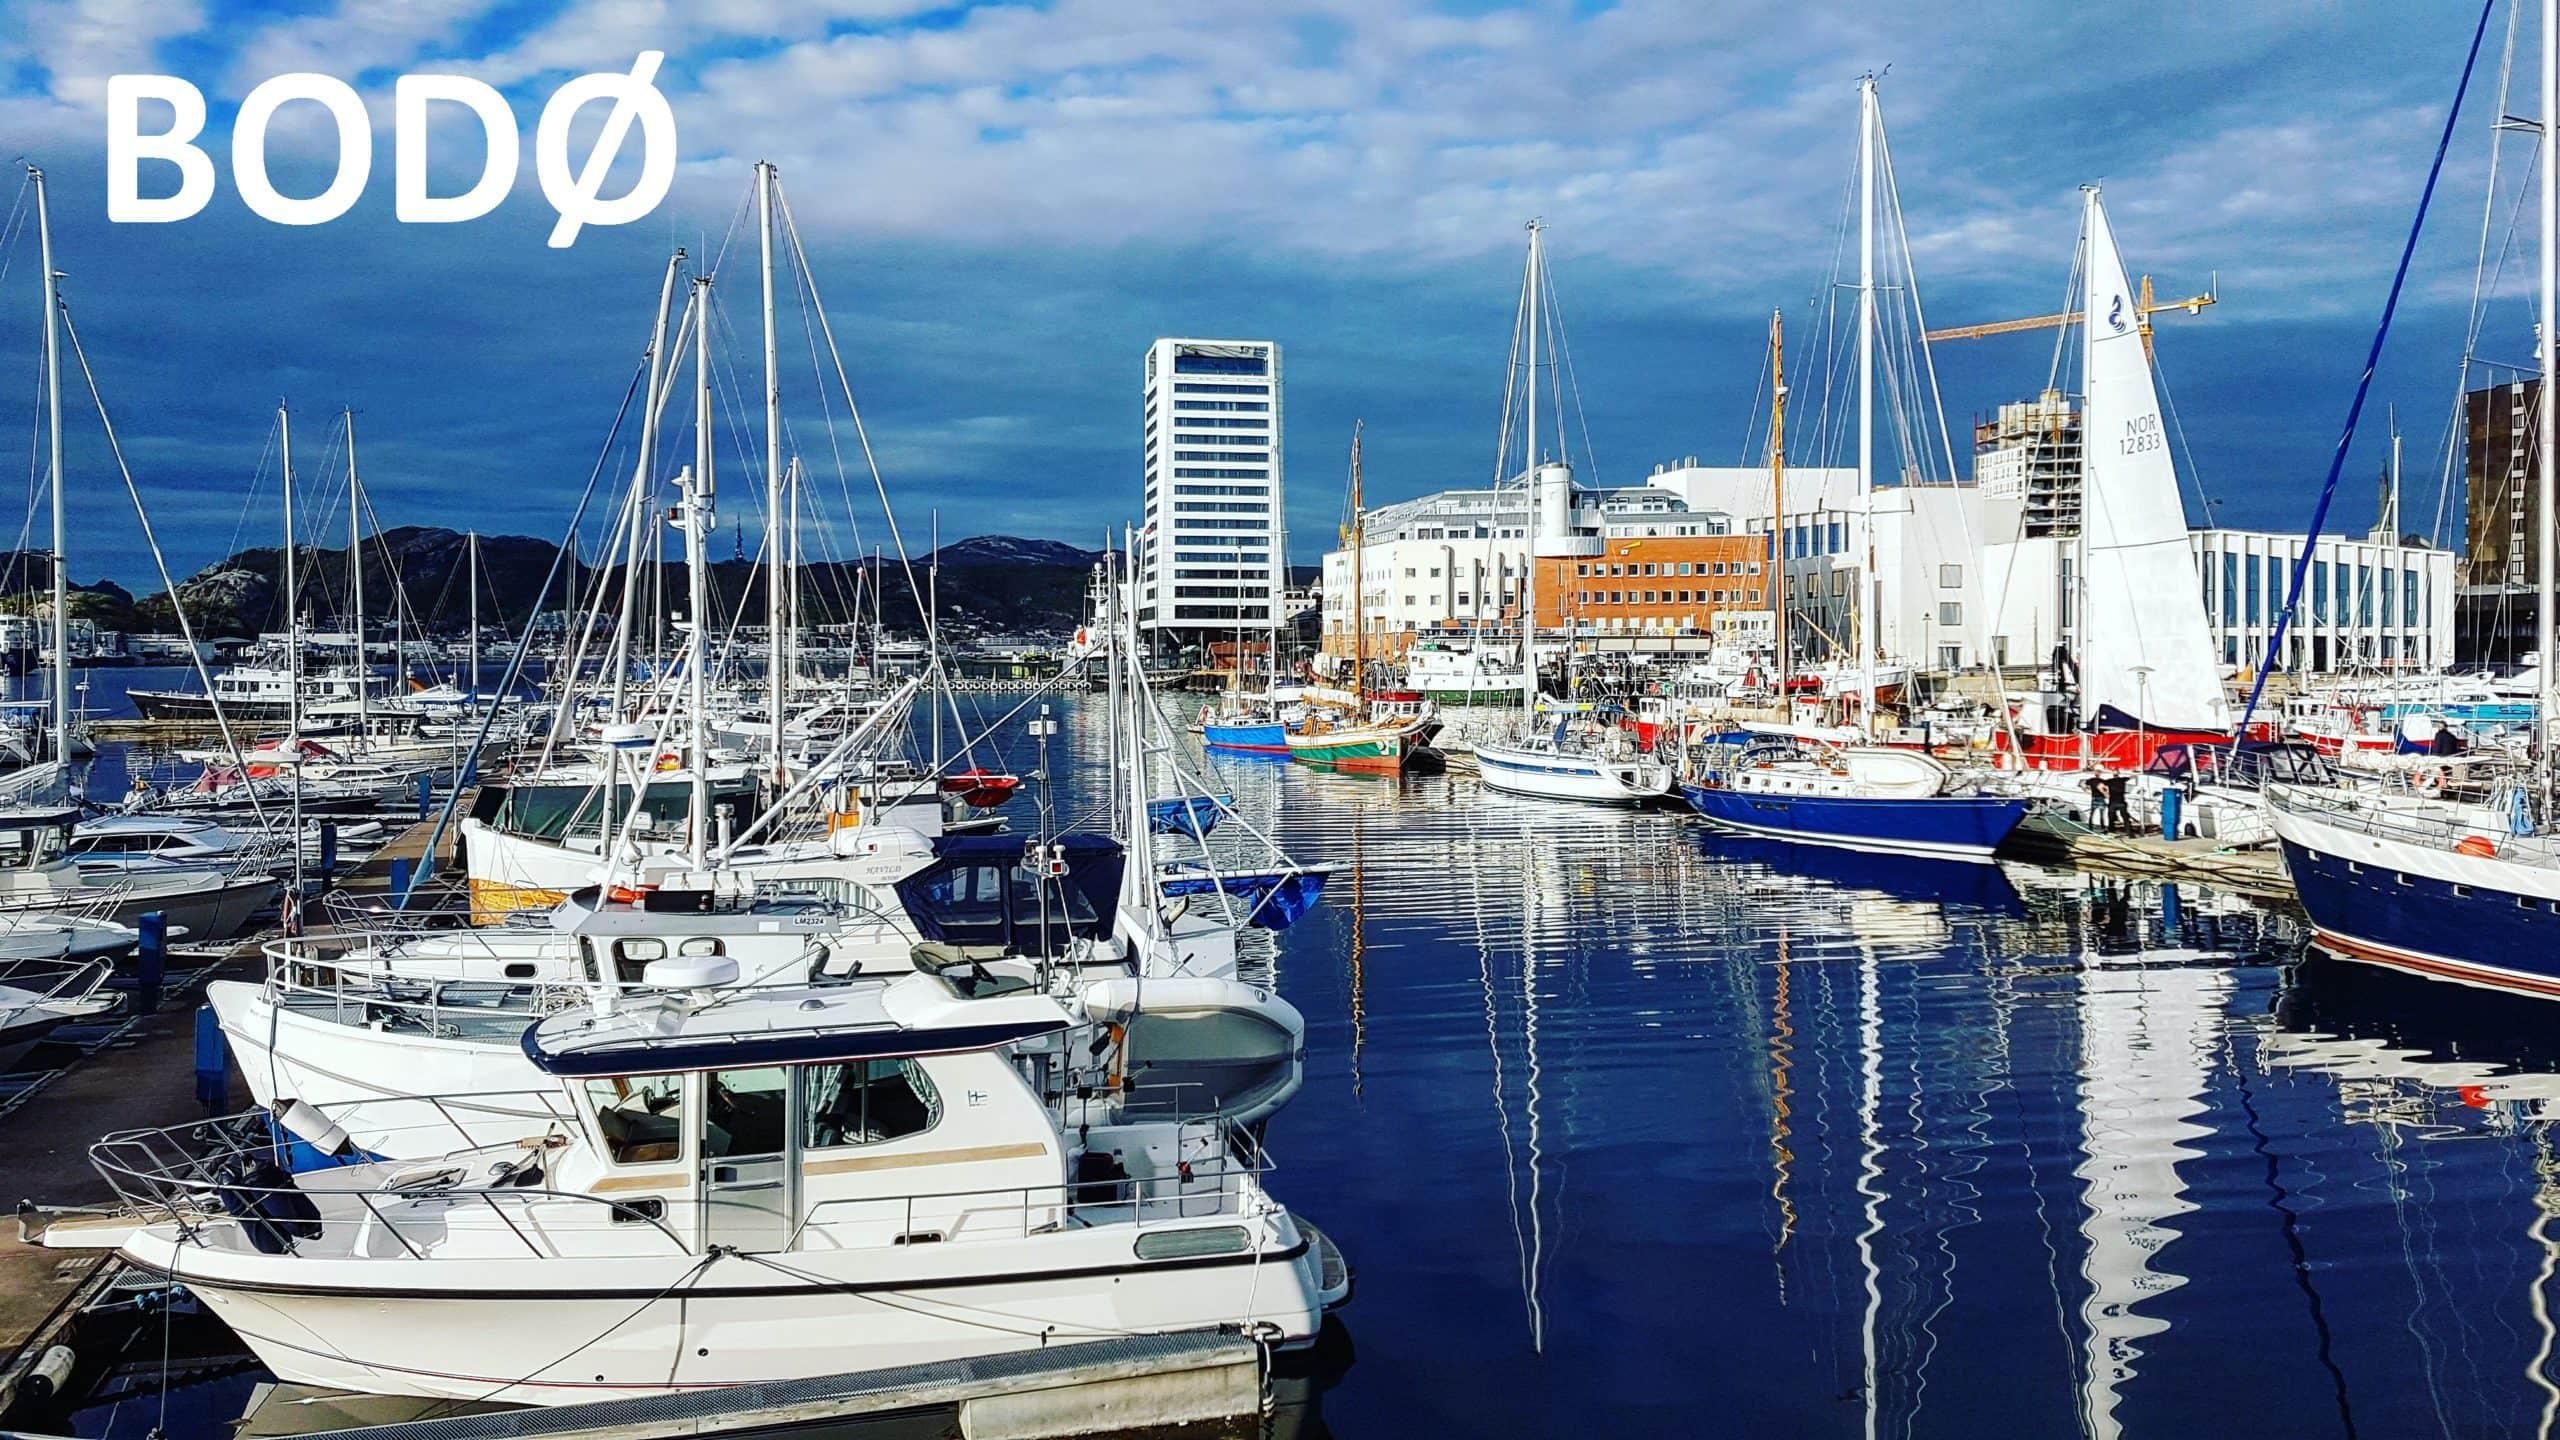 Bodø- Miasto północnego słońca cz. II. Praktyczne informacje